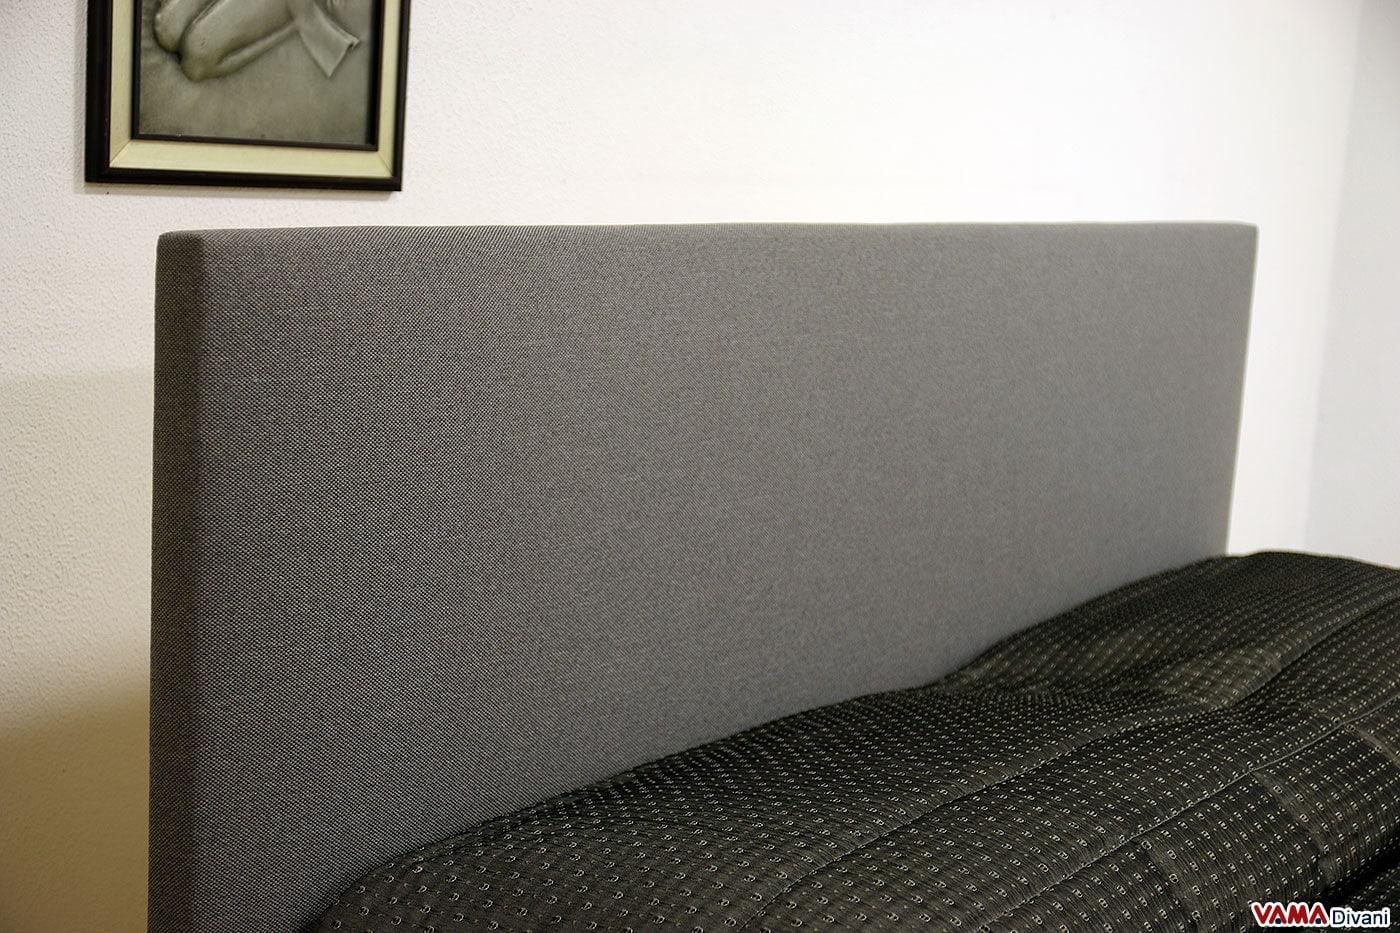 Testata letto matrimoniale semplice in tessuto grigio